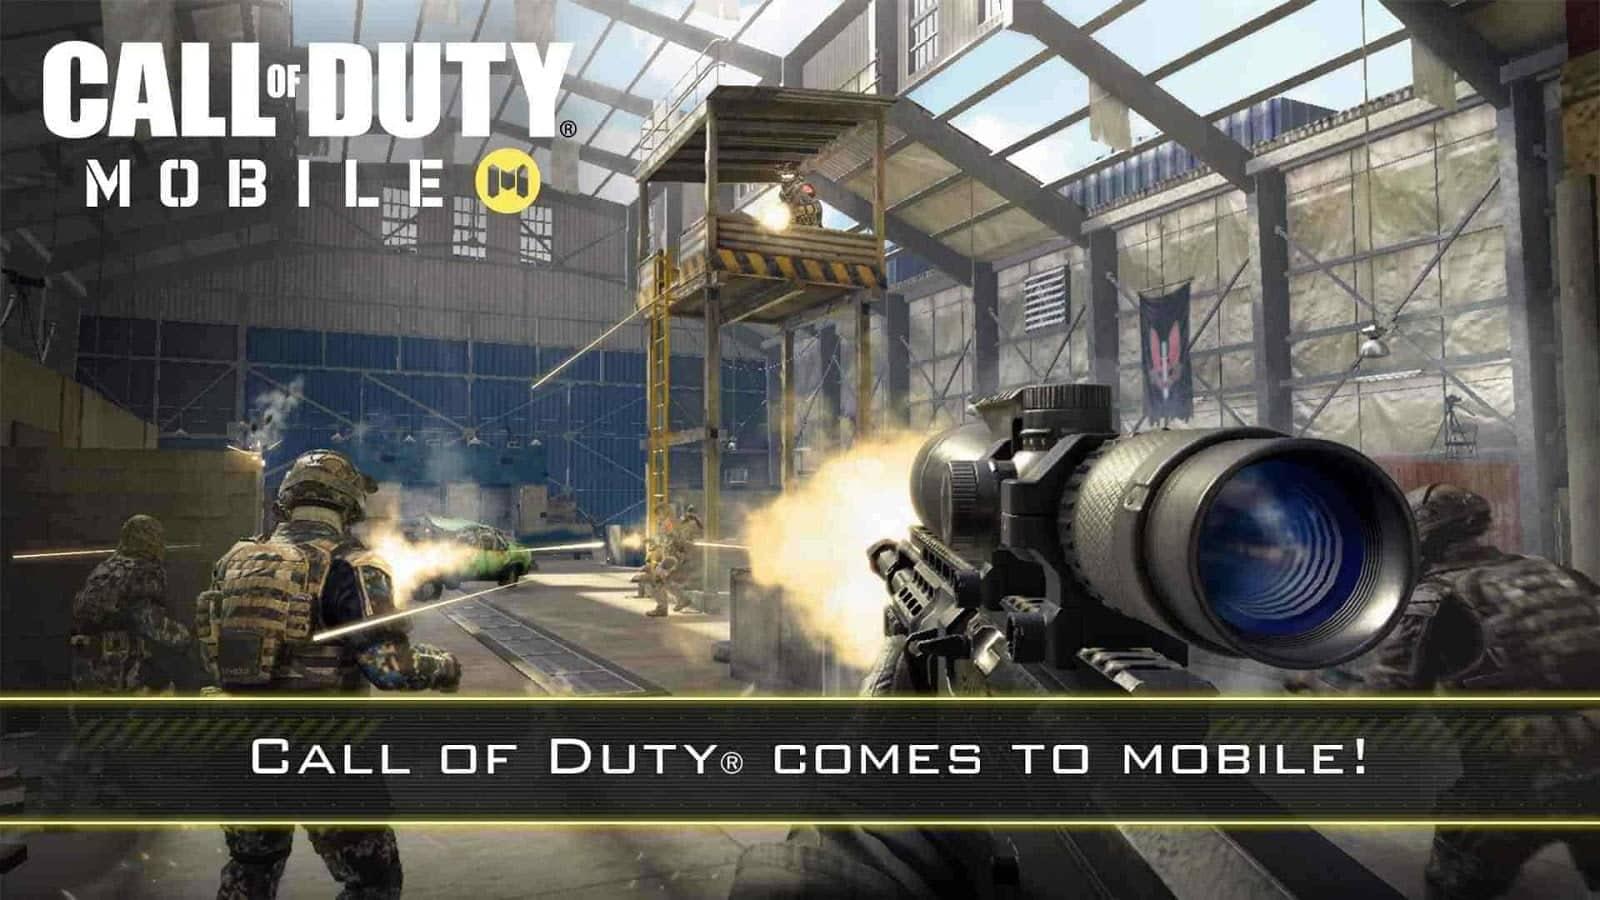 كيف تلعب Call of Duty Mobile على جهاز كمبيوتر؟ | تقنيات ديزاد